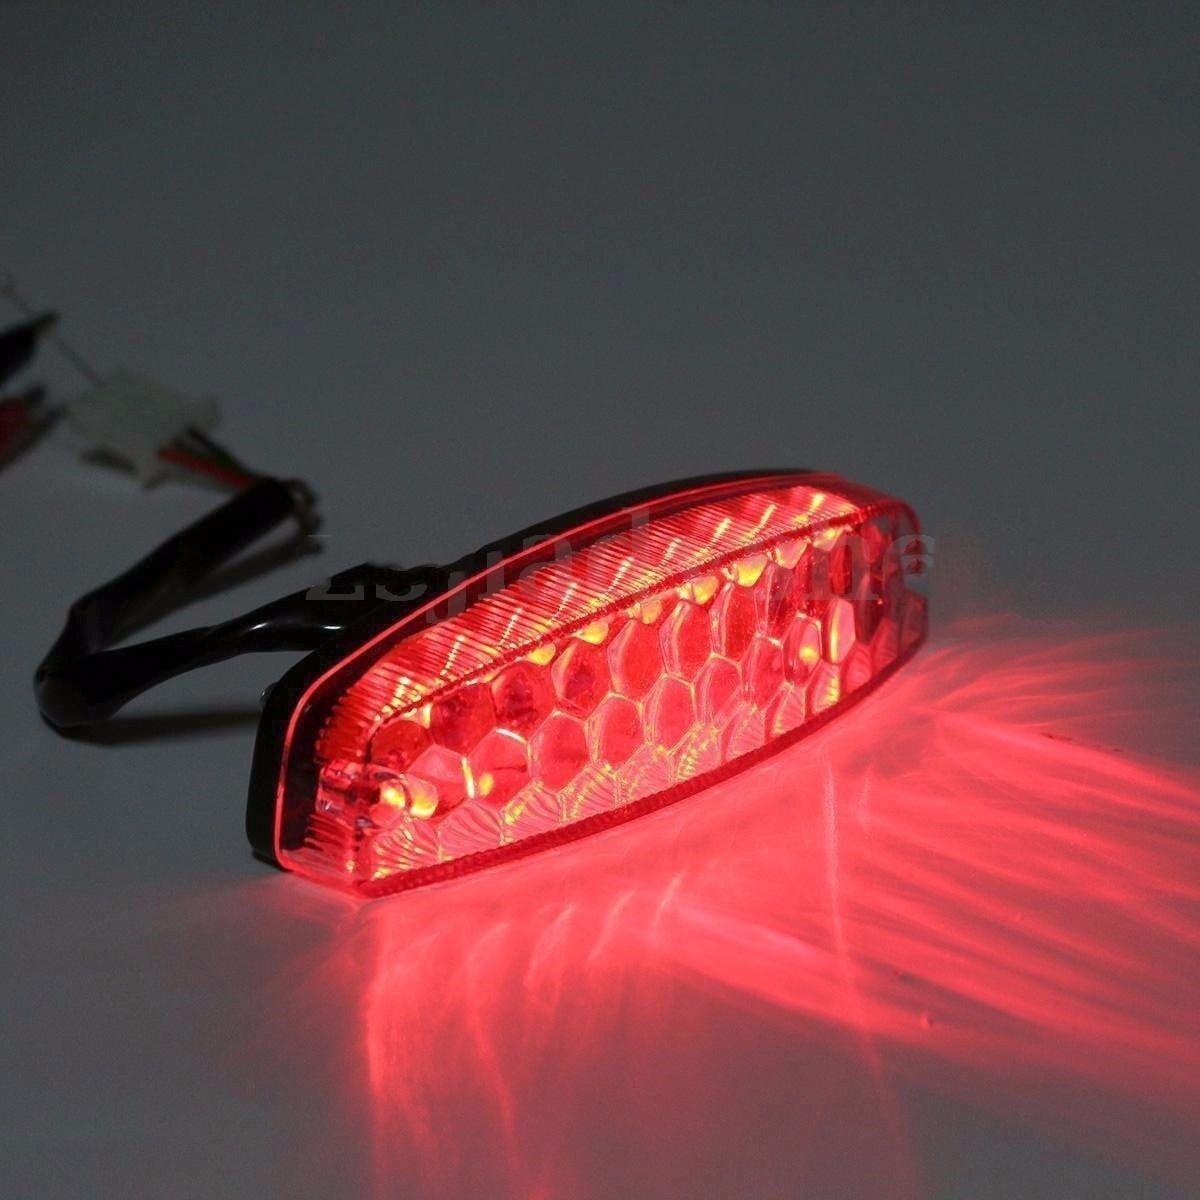 LED Rear Tail Brake Lights for 50cc 70 Cc 90cc 110cc 125cc 150cc ATV Quad TaoTao Roketa Baja Sunl Jonway